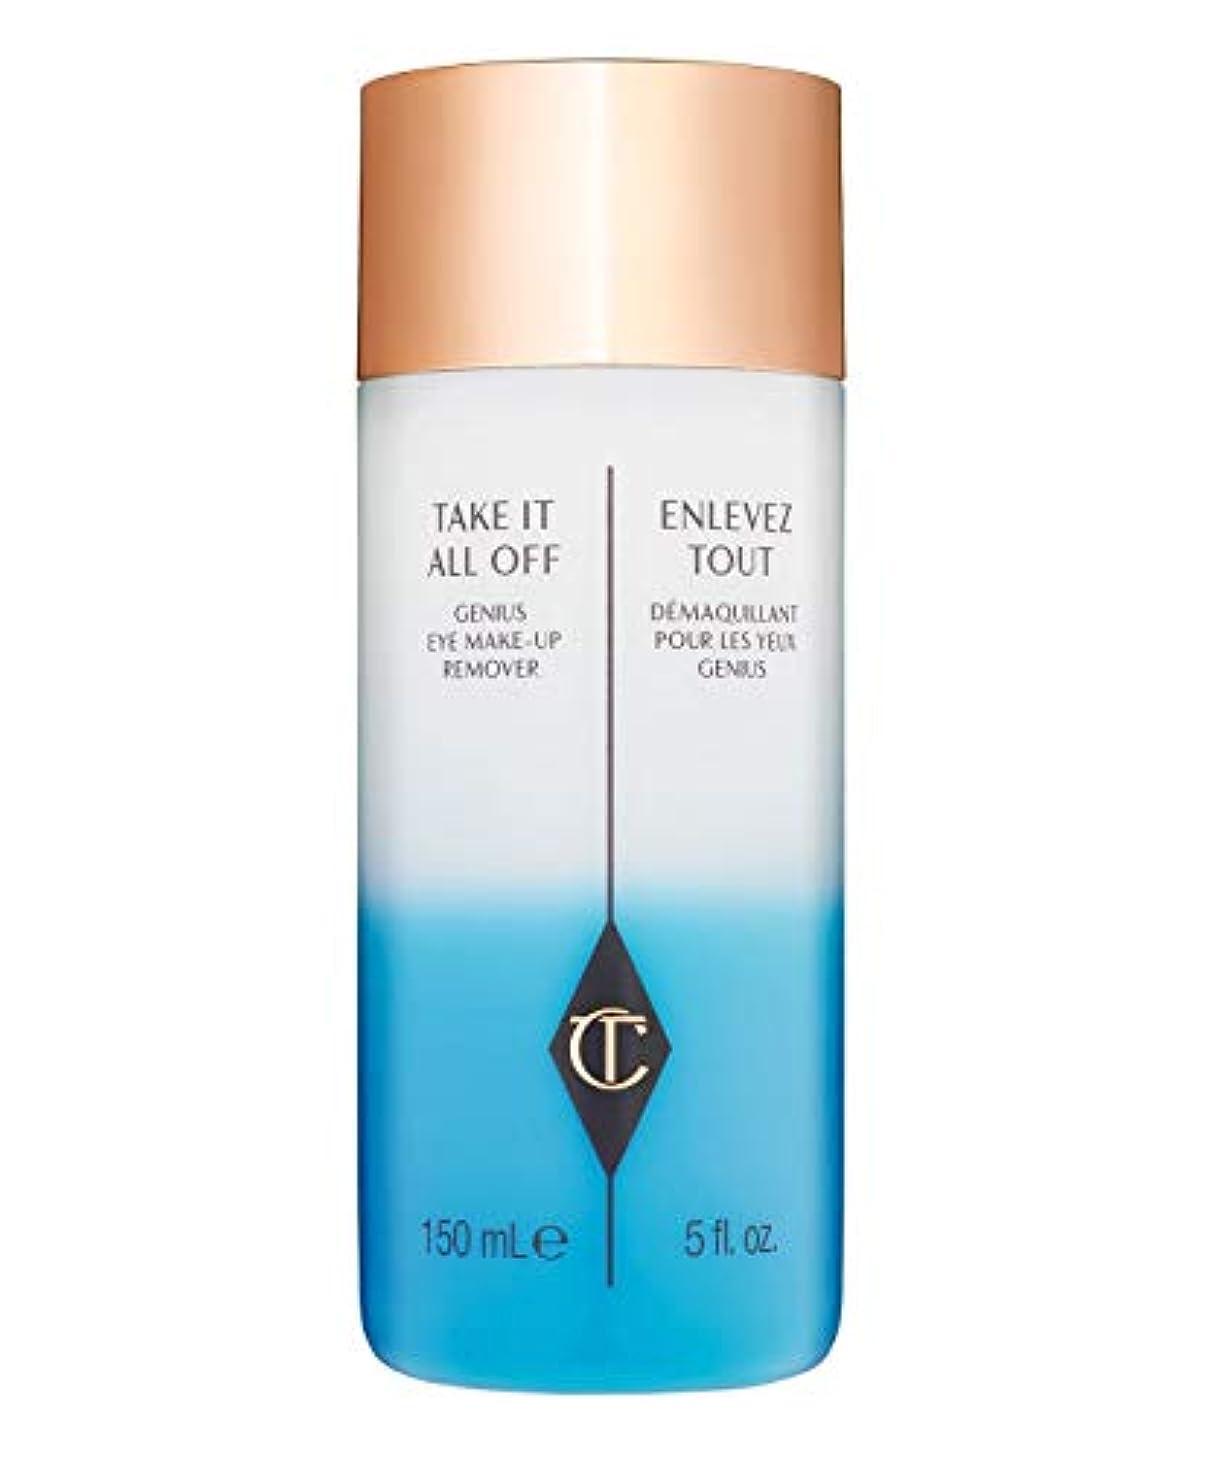 増強するピアース品Charlotte Tilbury Take It All Off Genius Eye Make-up Remover 150ml シャーロットティルバリー